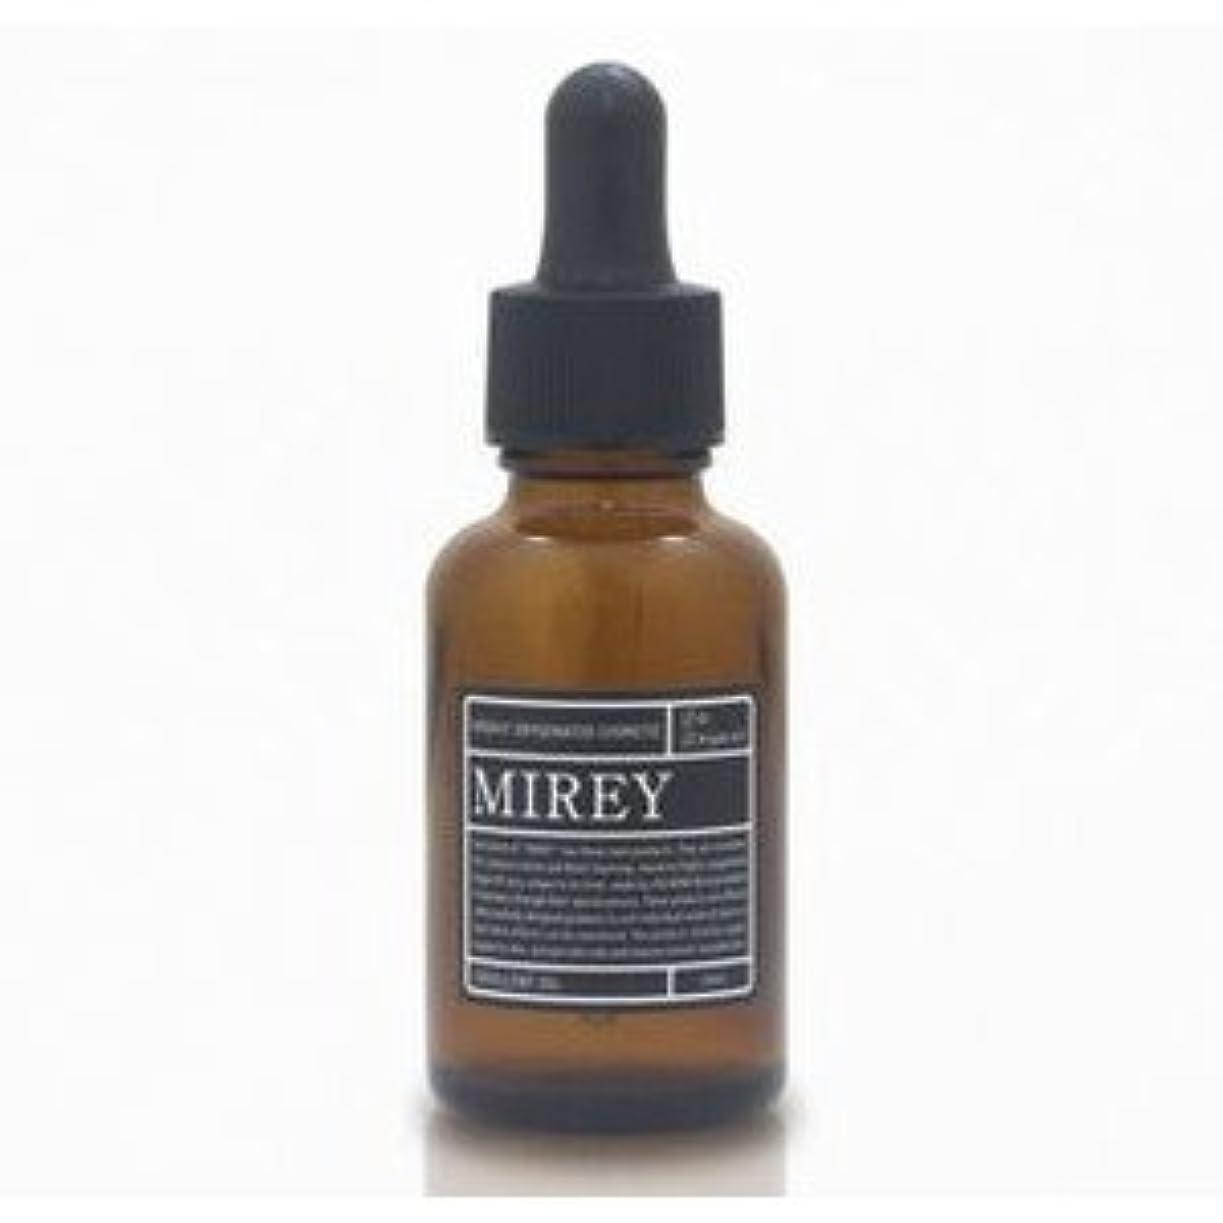 フルーティーましい虫MIREY ミレイ エクセレントオイル 20ml